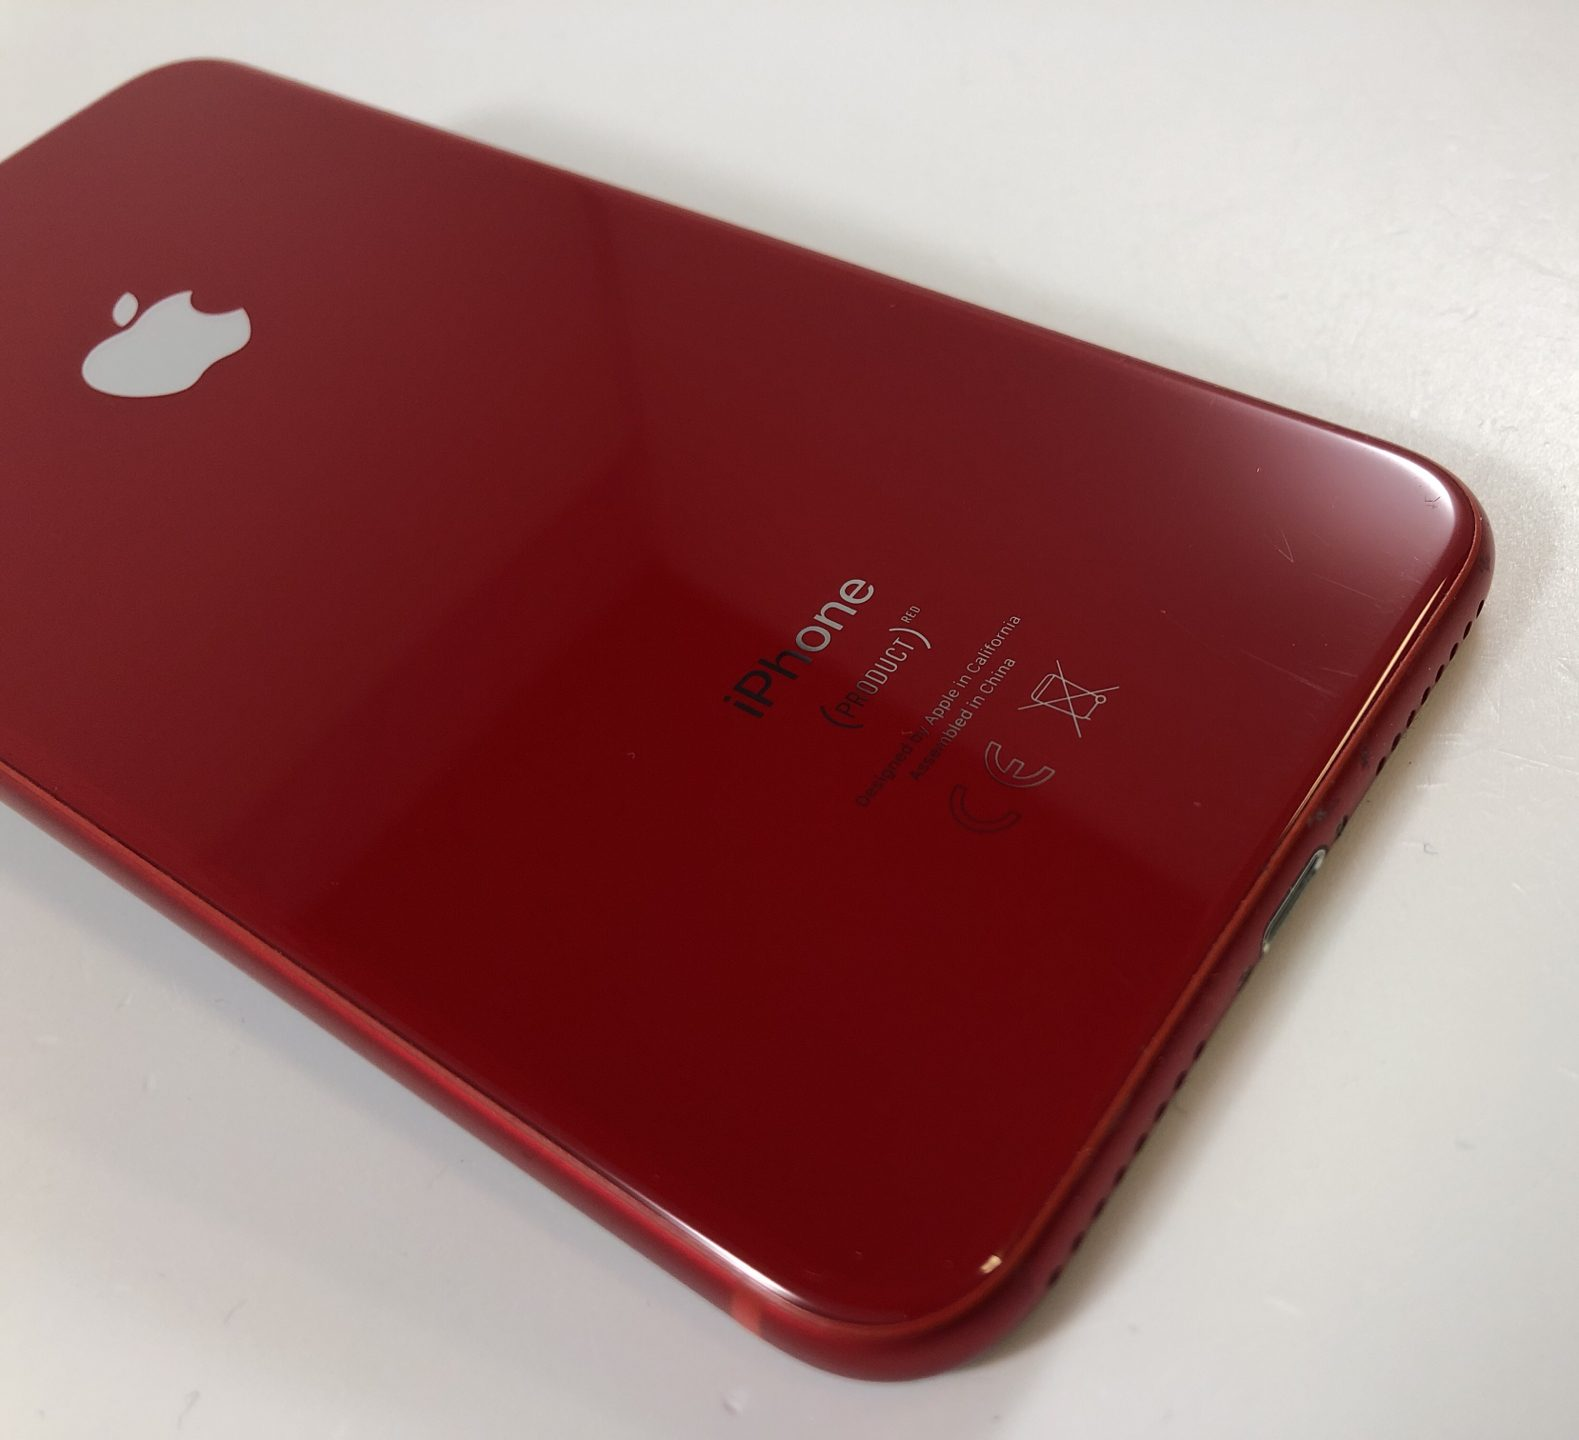 iPhone 8 Plus 64GB, 64GB, Red, Kuva 3